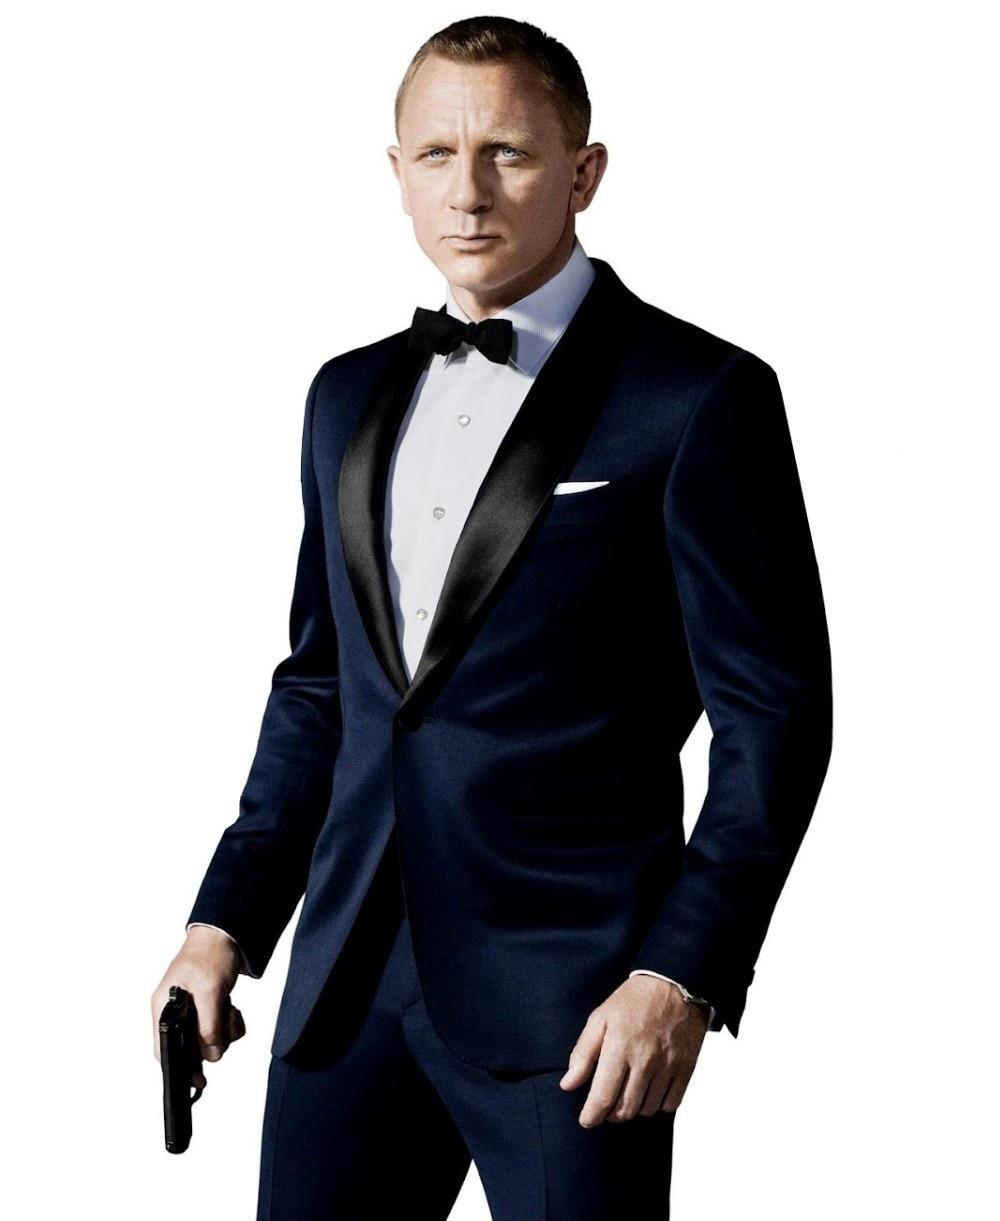 Alta calidad por encargo azul oscuro Negro novio Esmoquin traje en James  Bond boda Trajes para PROM chaqueta Pantalones arco negro en Trajes de La  ropa de ... fae03f917c7